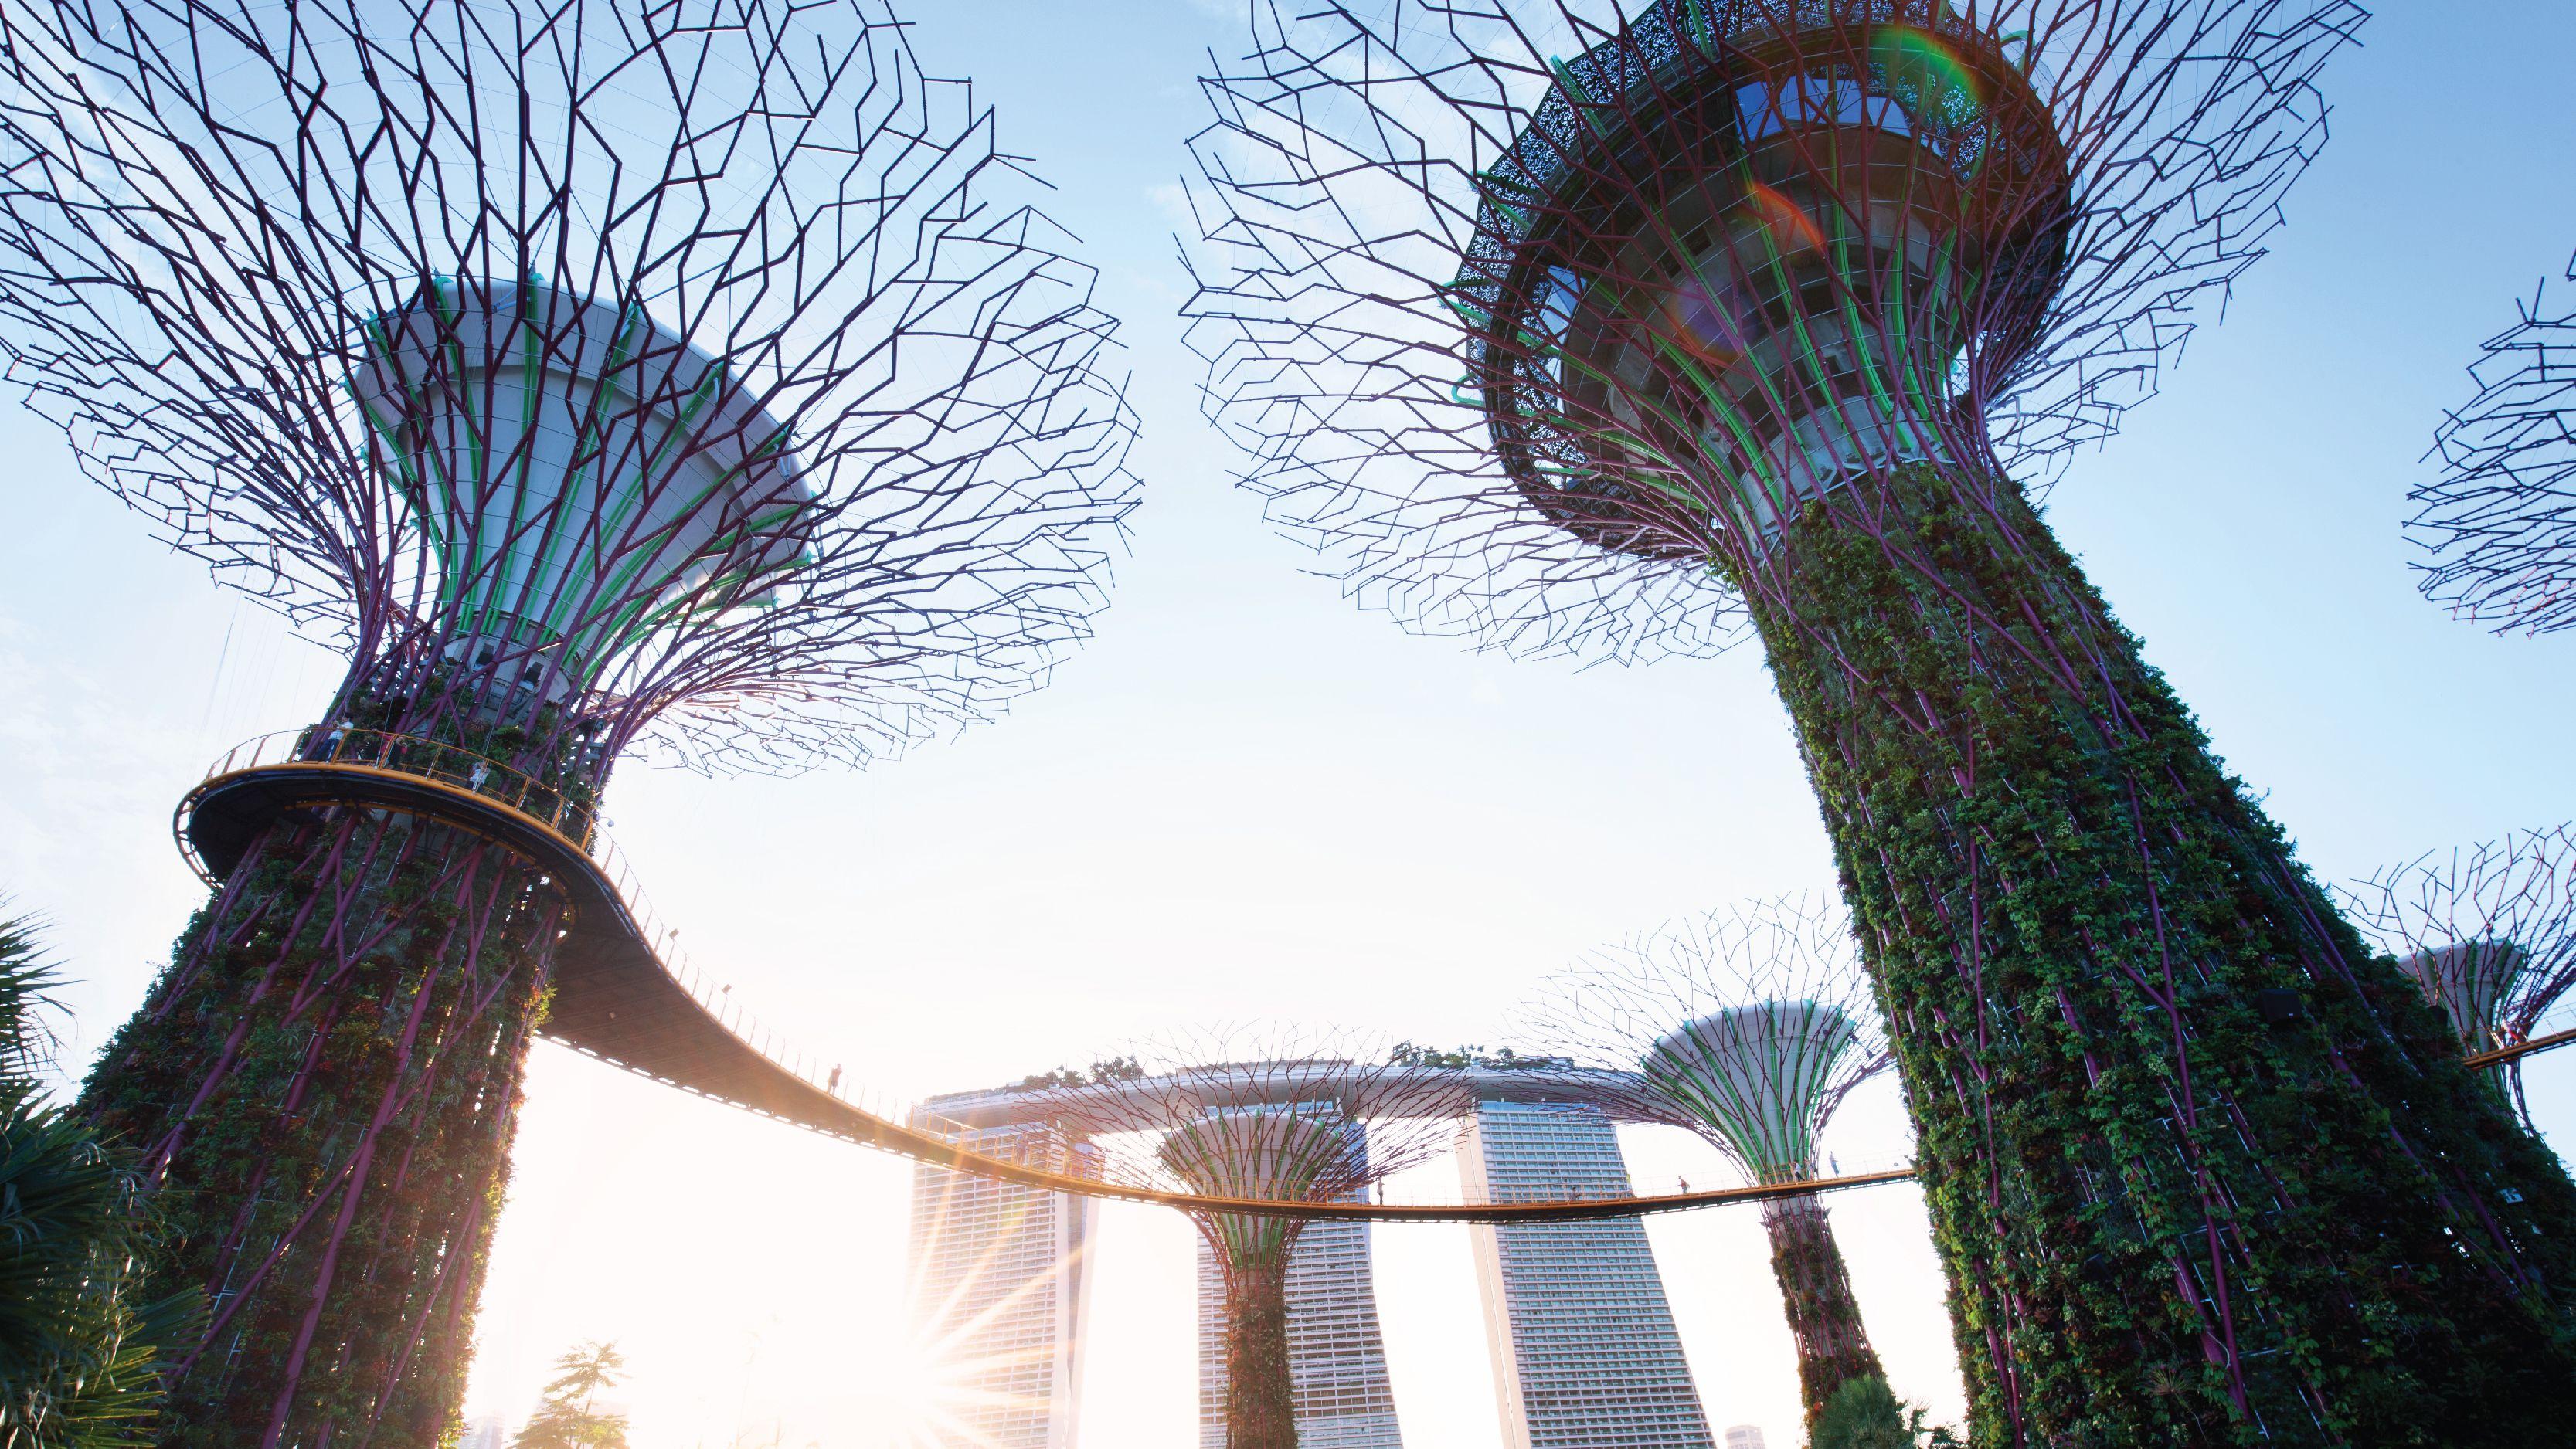 SingaporePassExpedia-02.jpg